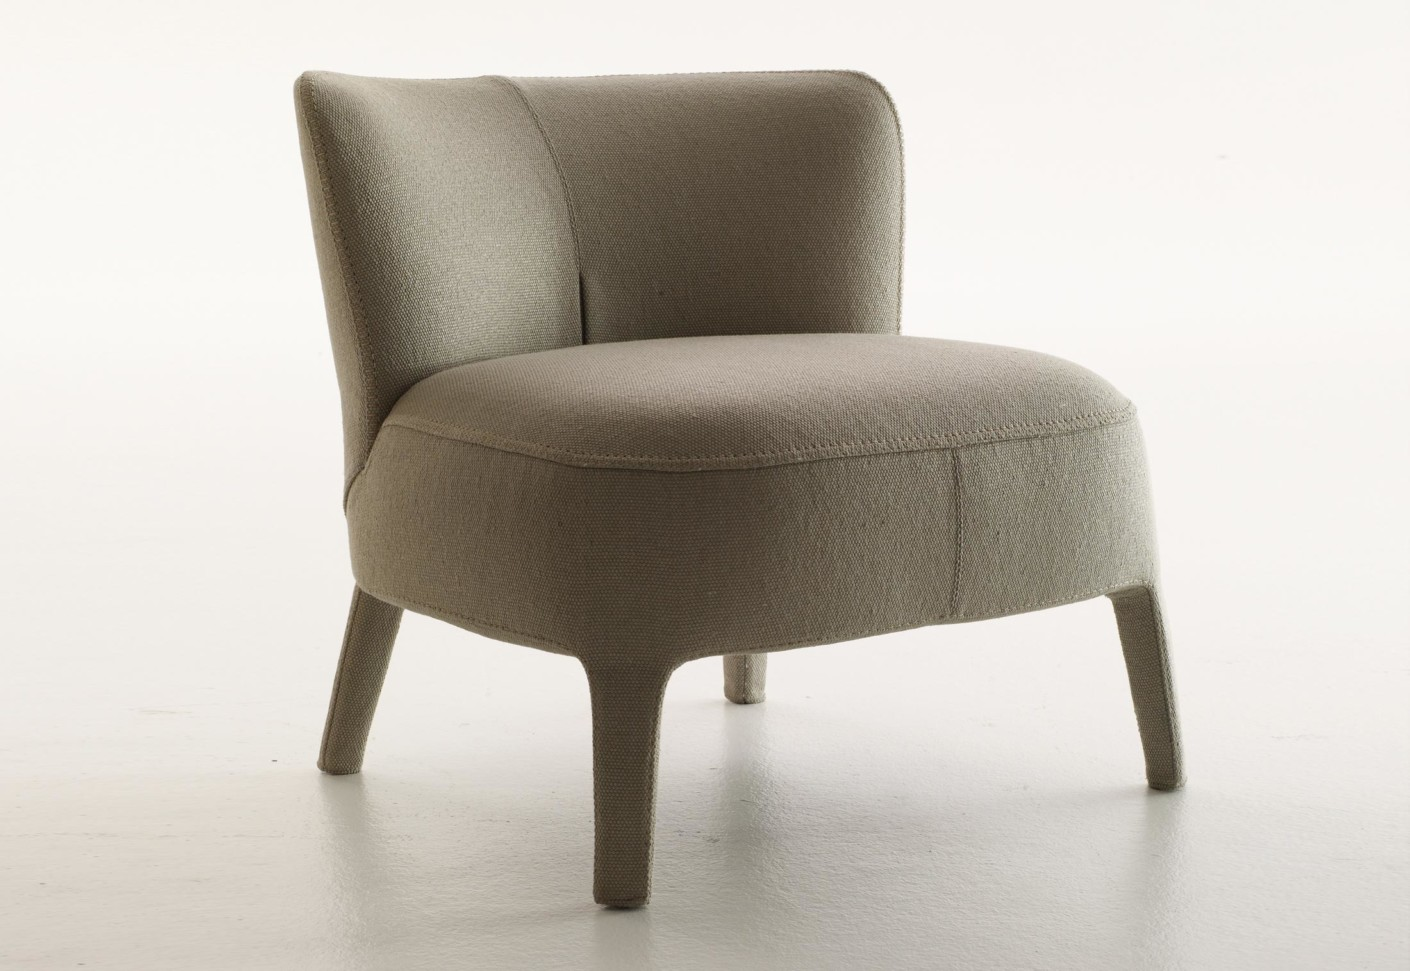 Febo Armchair 2800 By Maxalto Stylepark